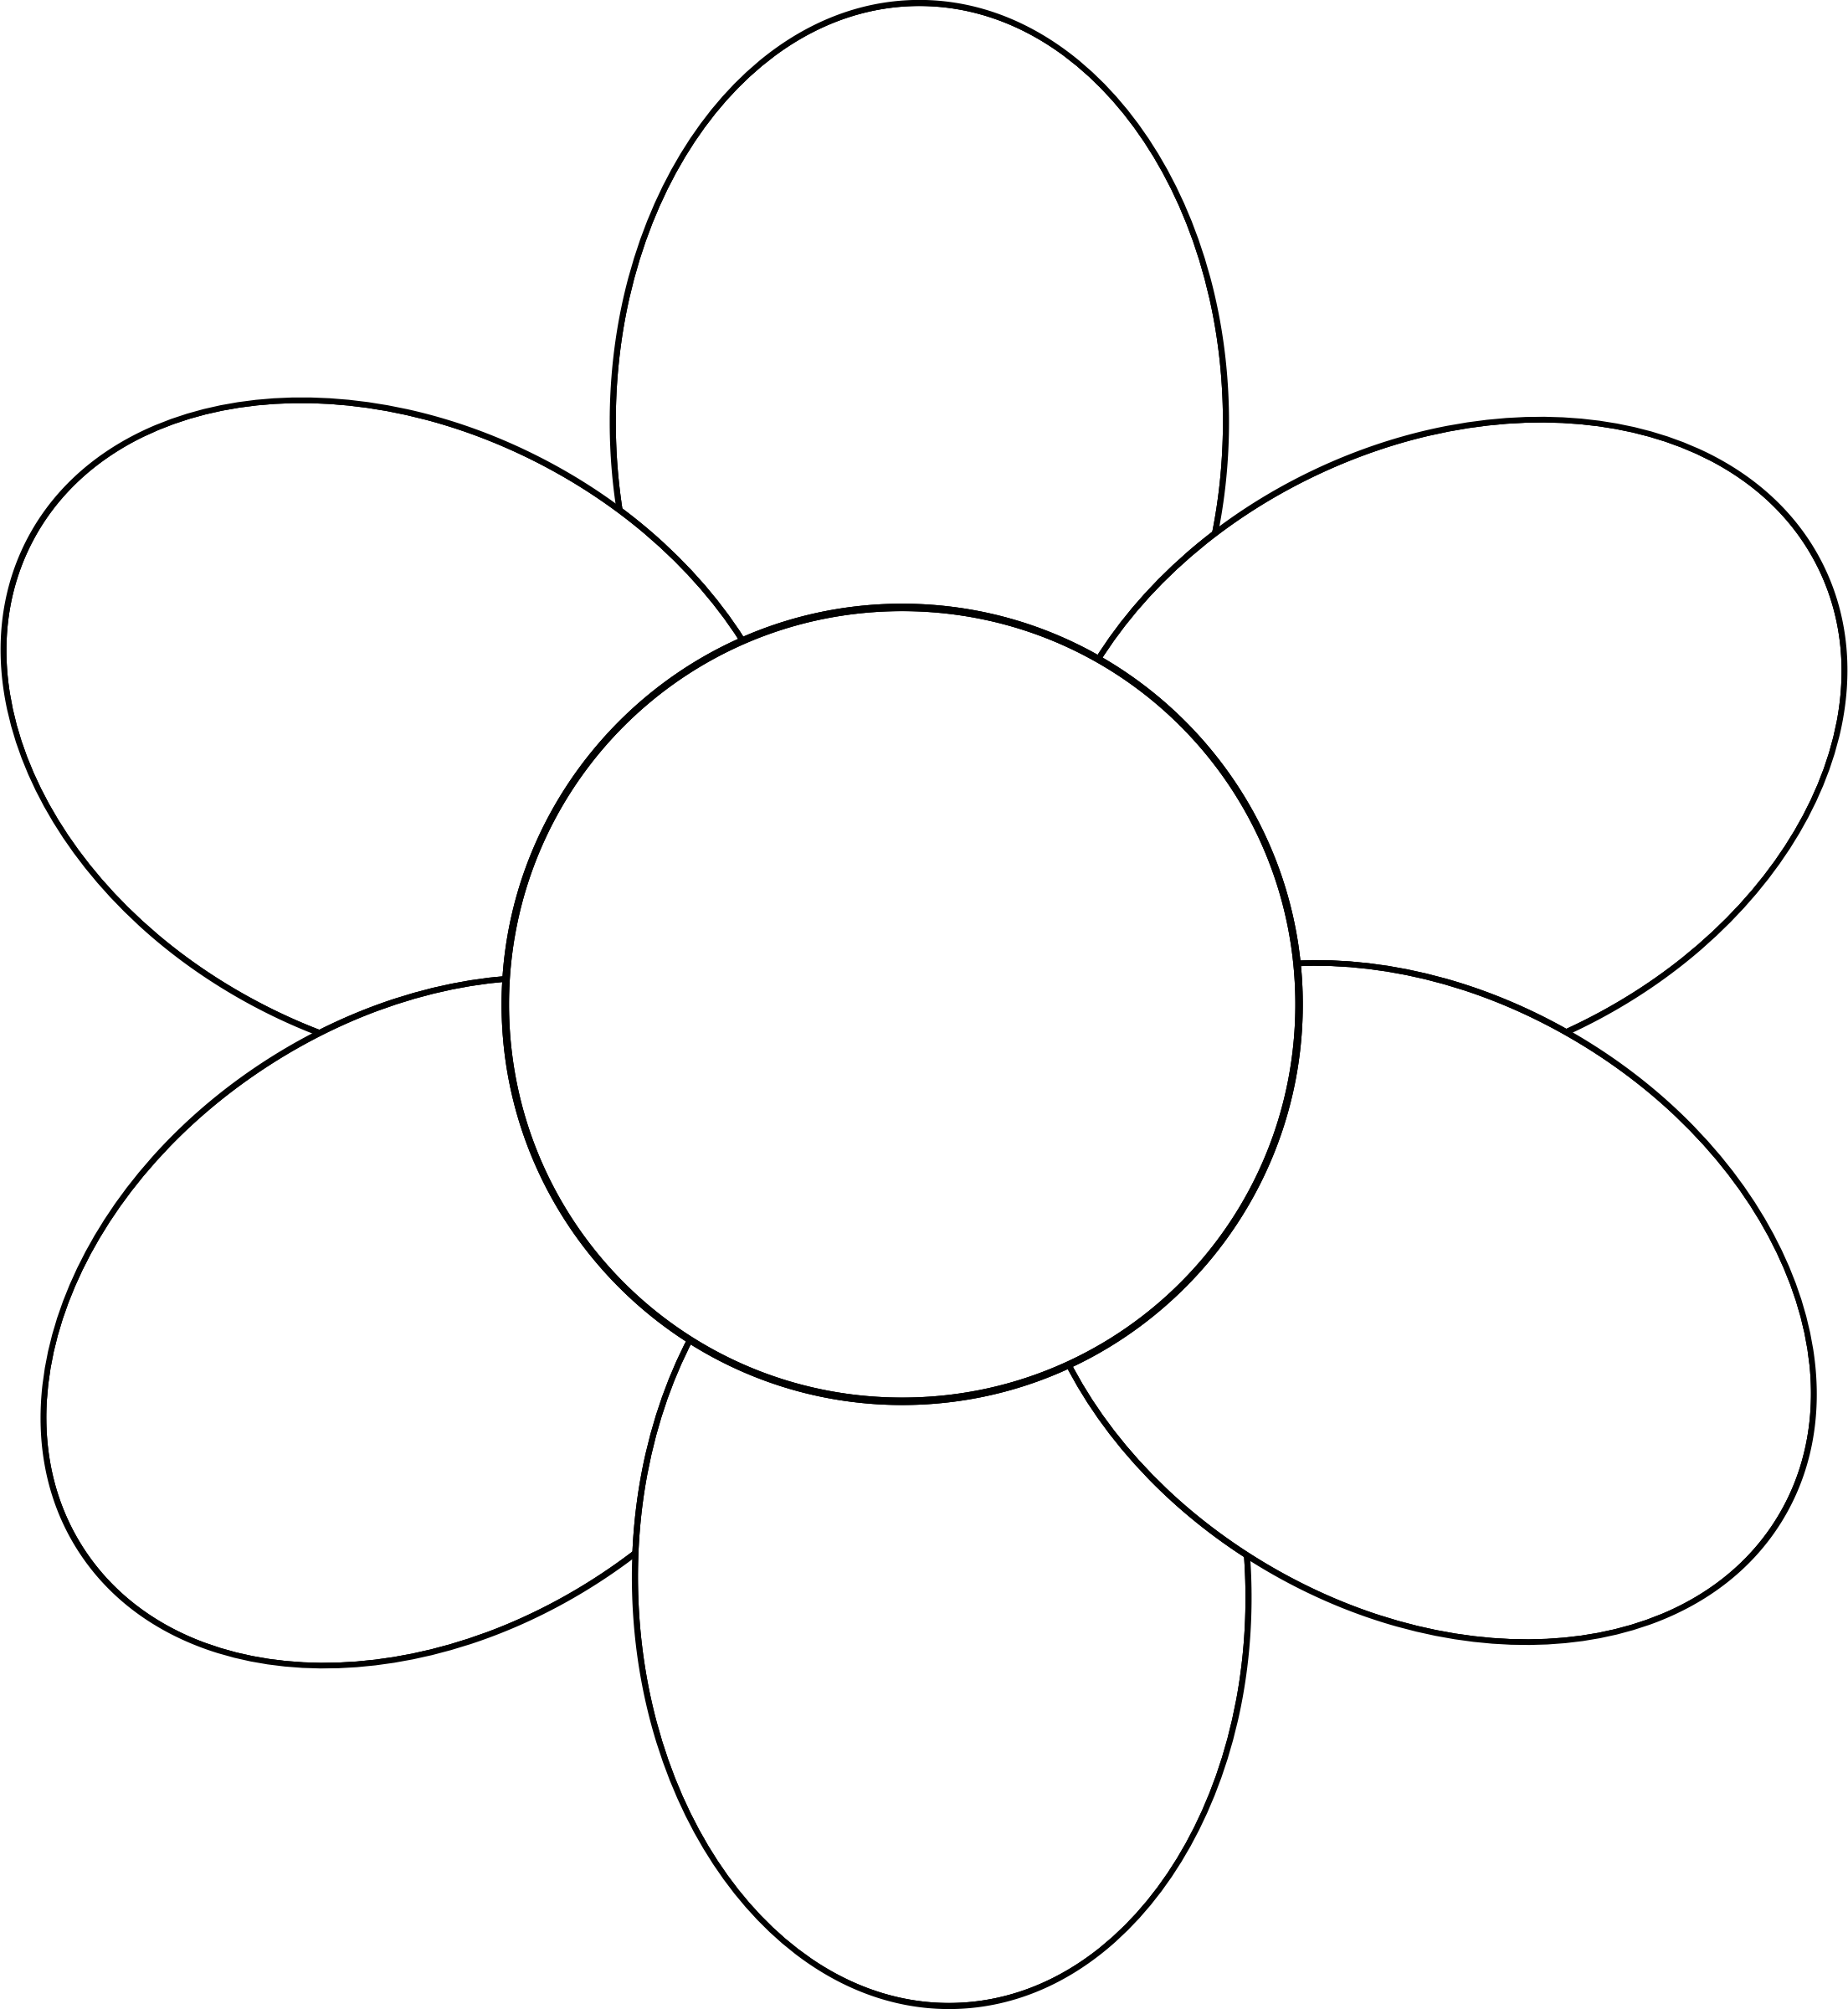 7 petal flower clipart svg free download Flower Petal Outline - Cliparts.co svg free download